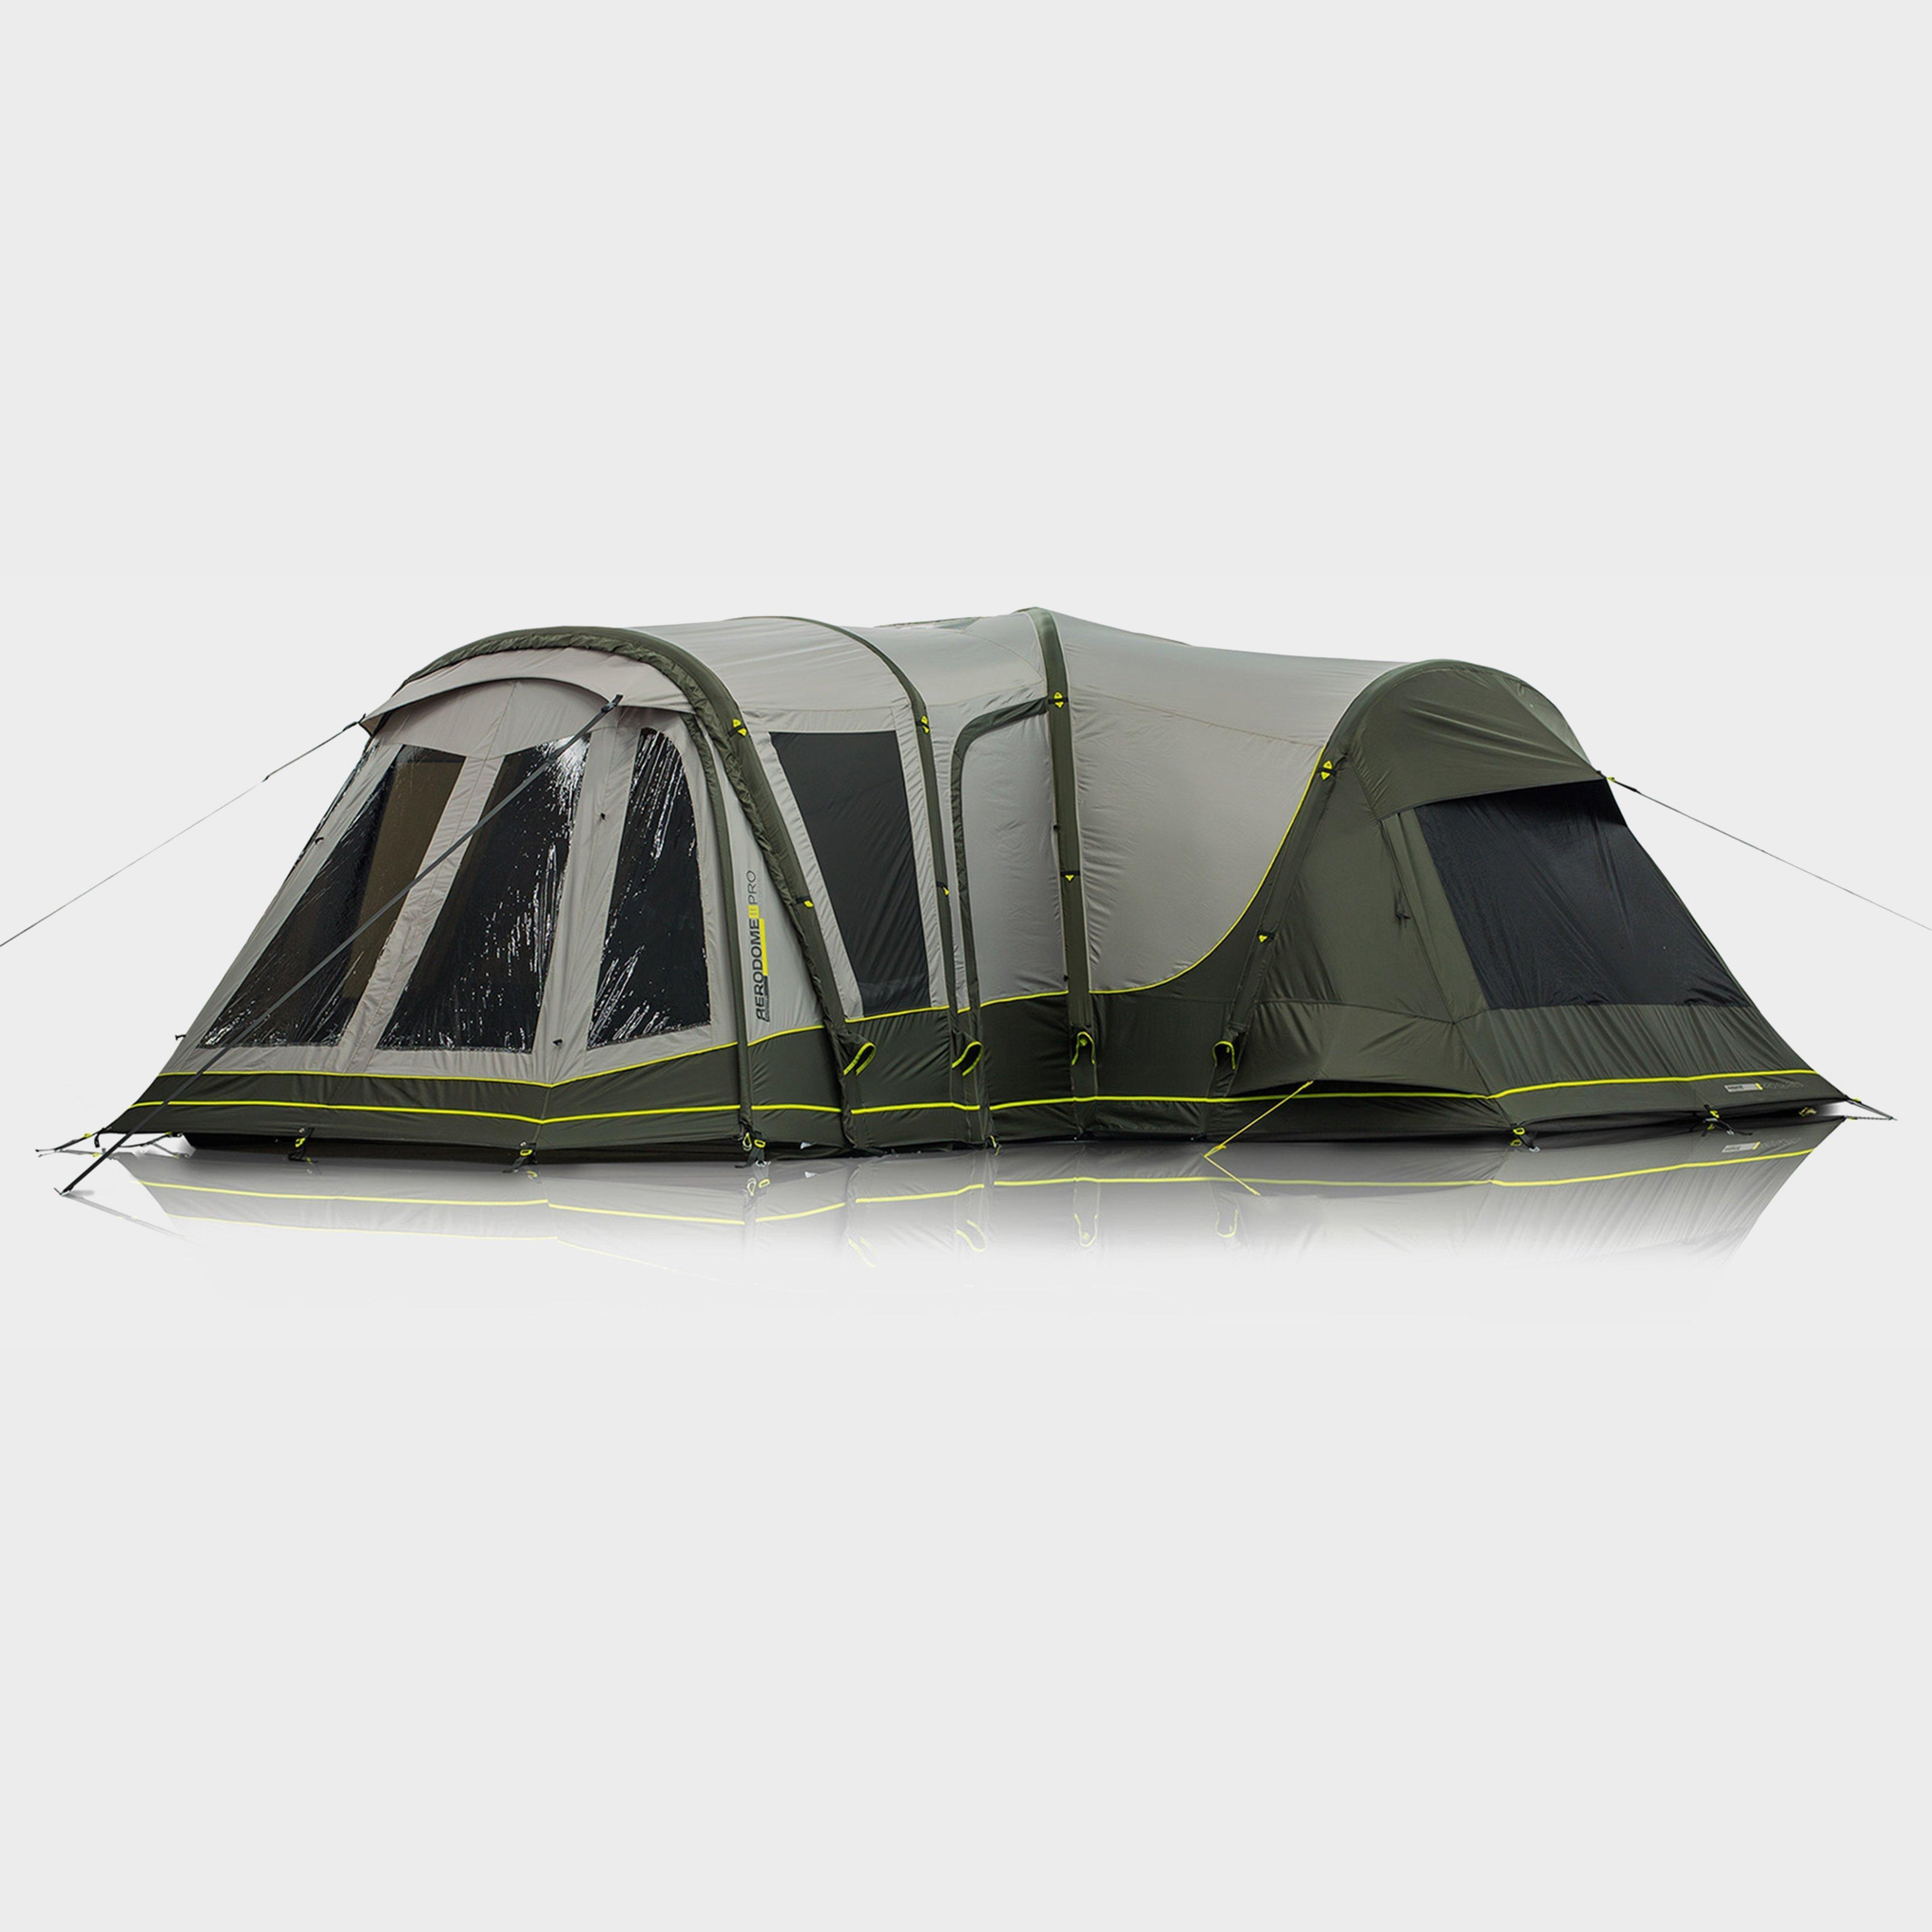 Zempire Aerodome Ii Pro 6 Person Tent -